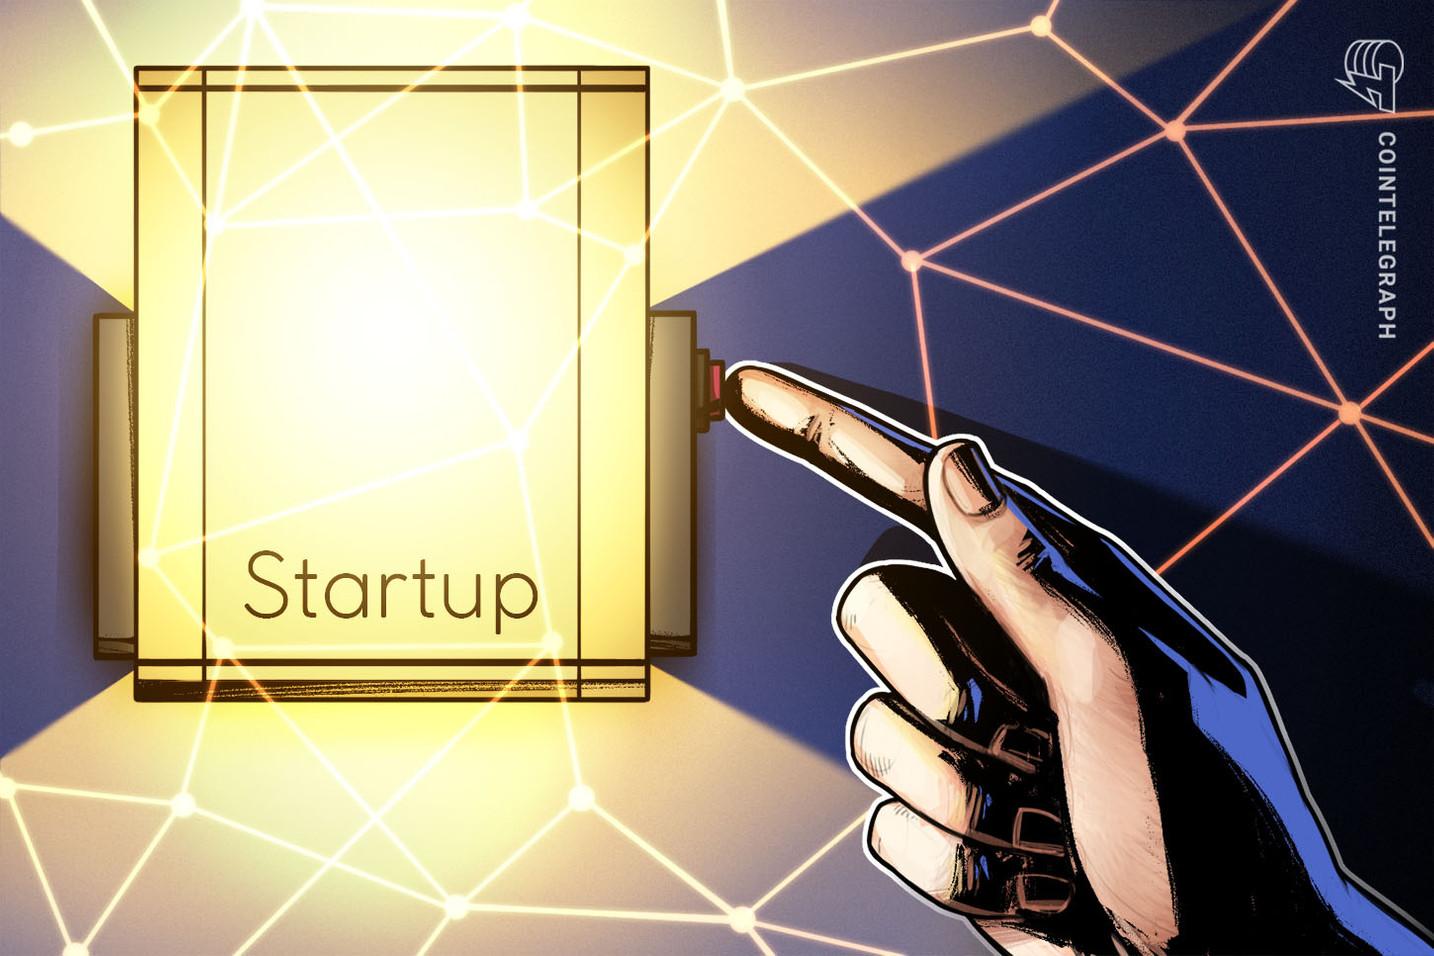 La empresa de criptodatos Digital Asset Data consiguió USD 3.2 millones en ronda de financiamiento